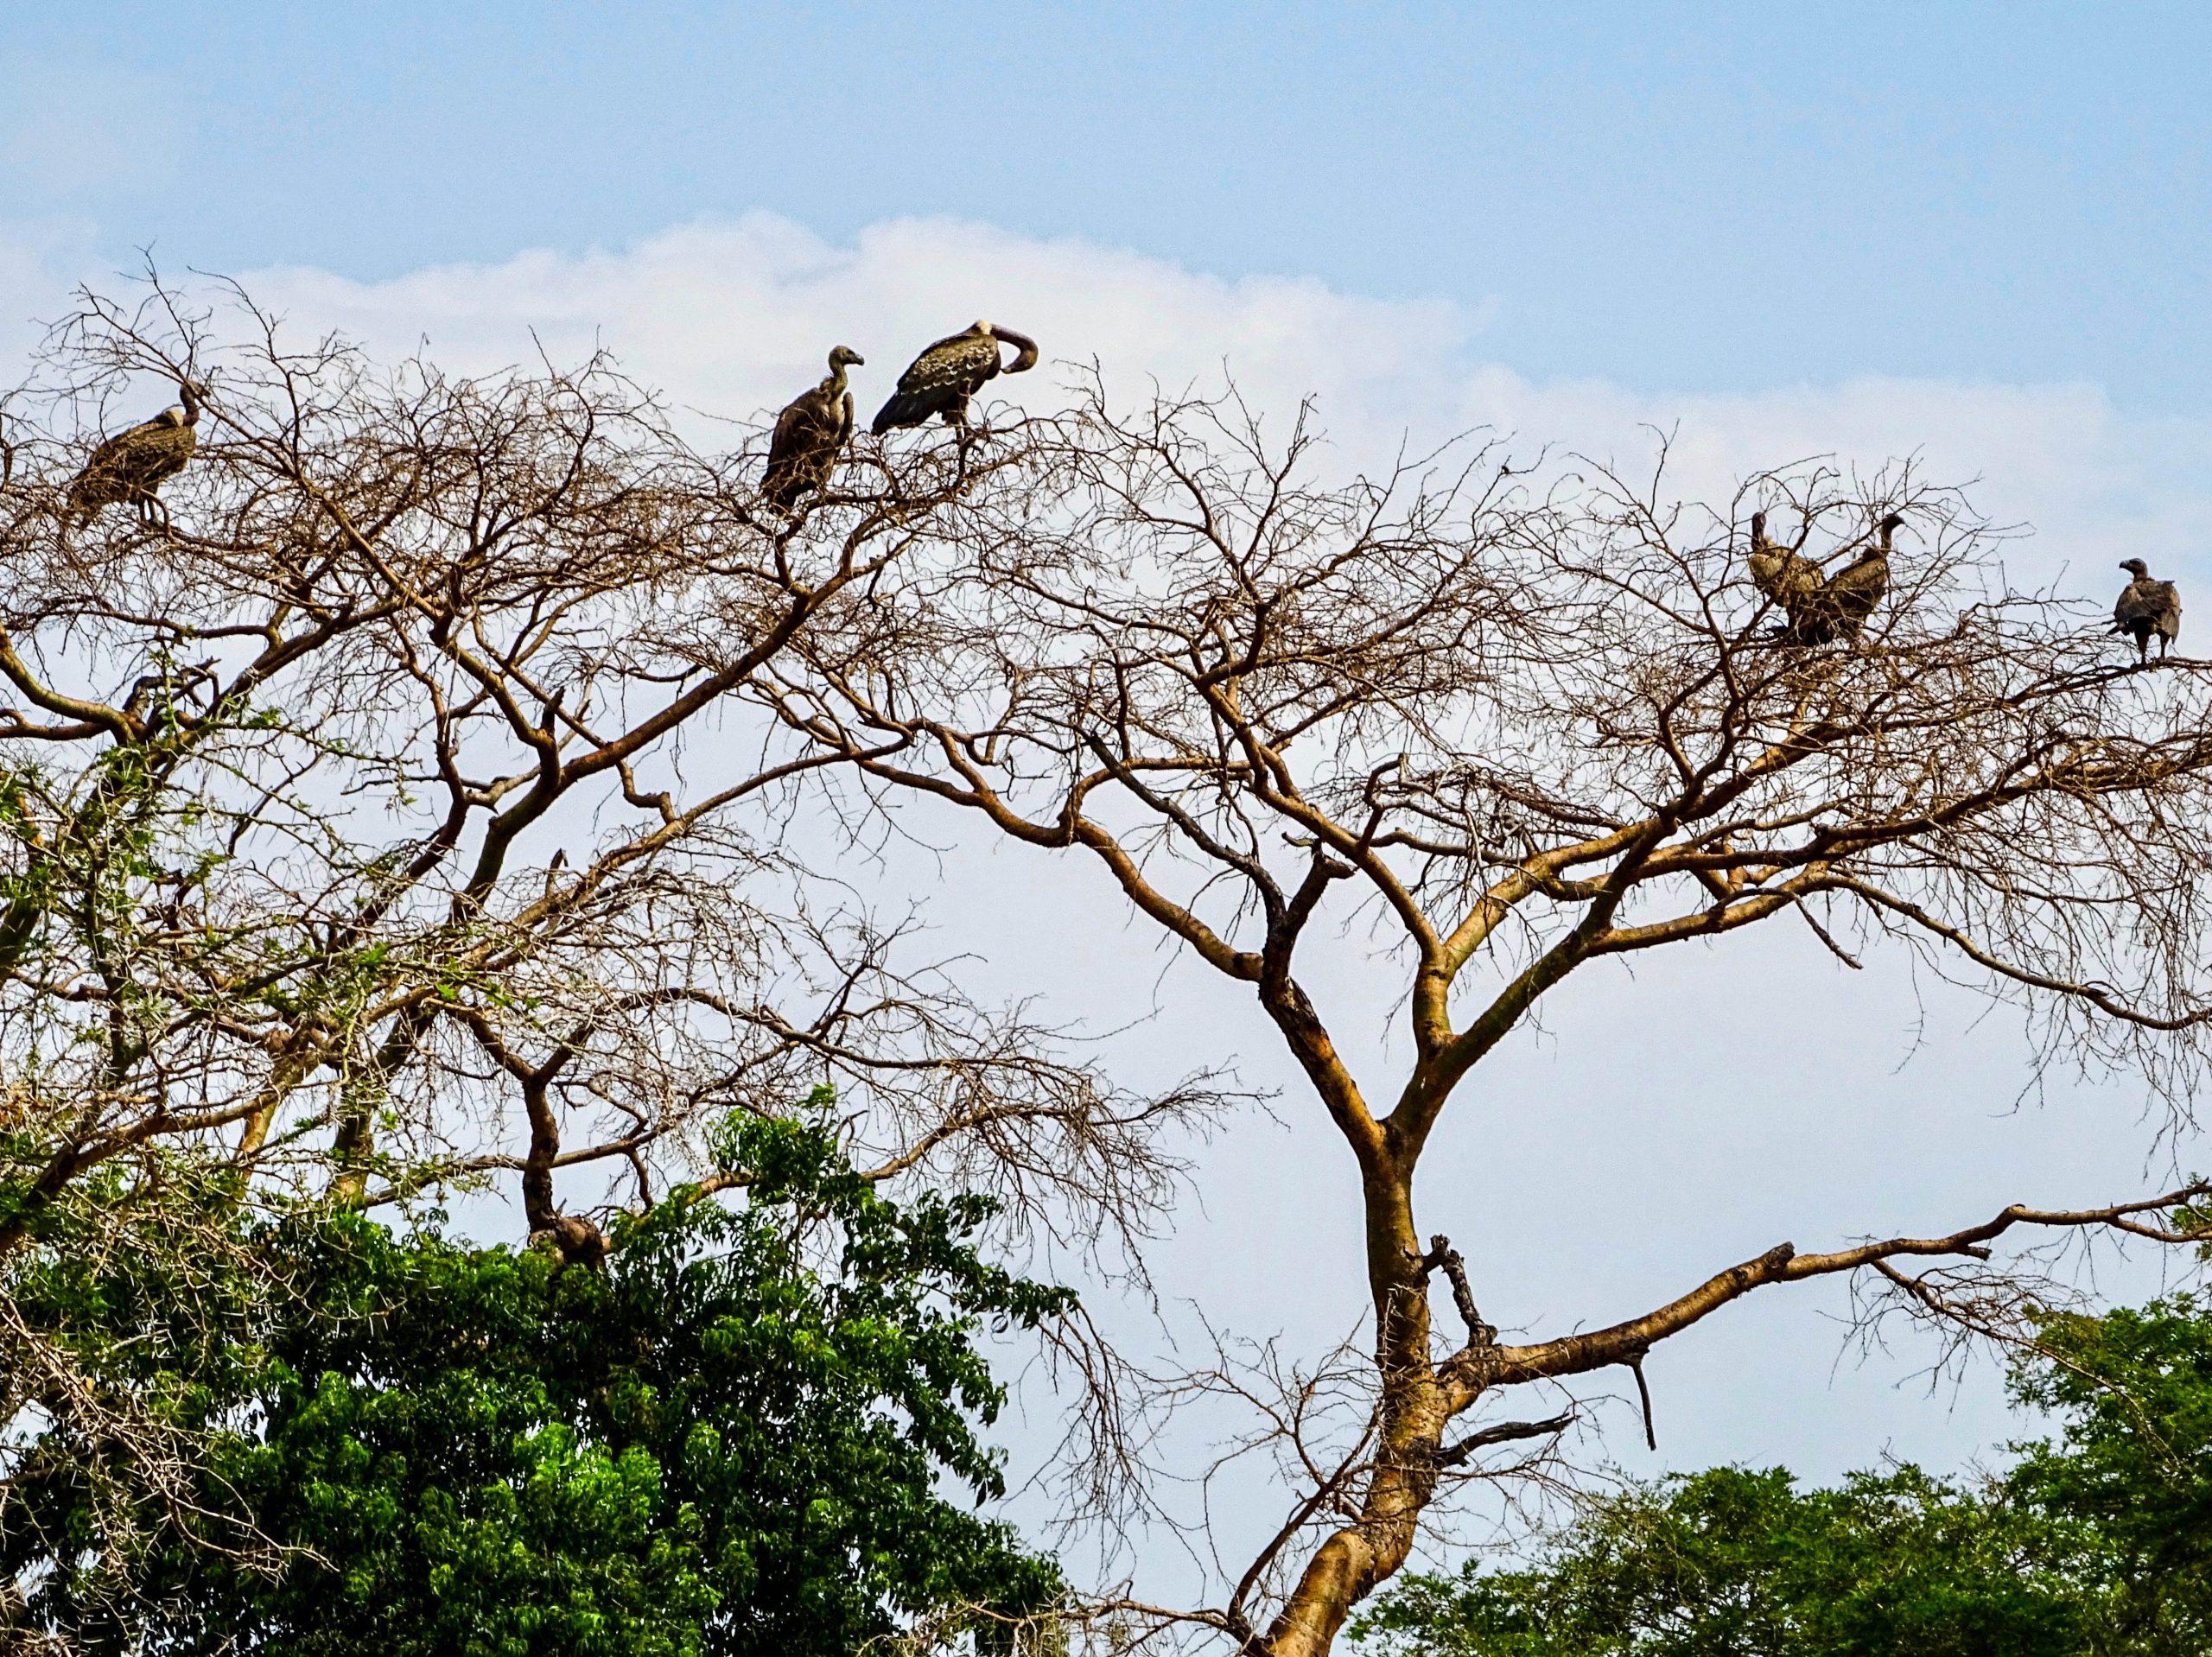 Gieren wachten in de boomtoppen bij een olifantenlijk